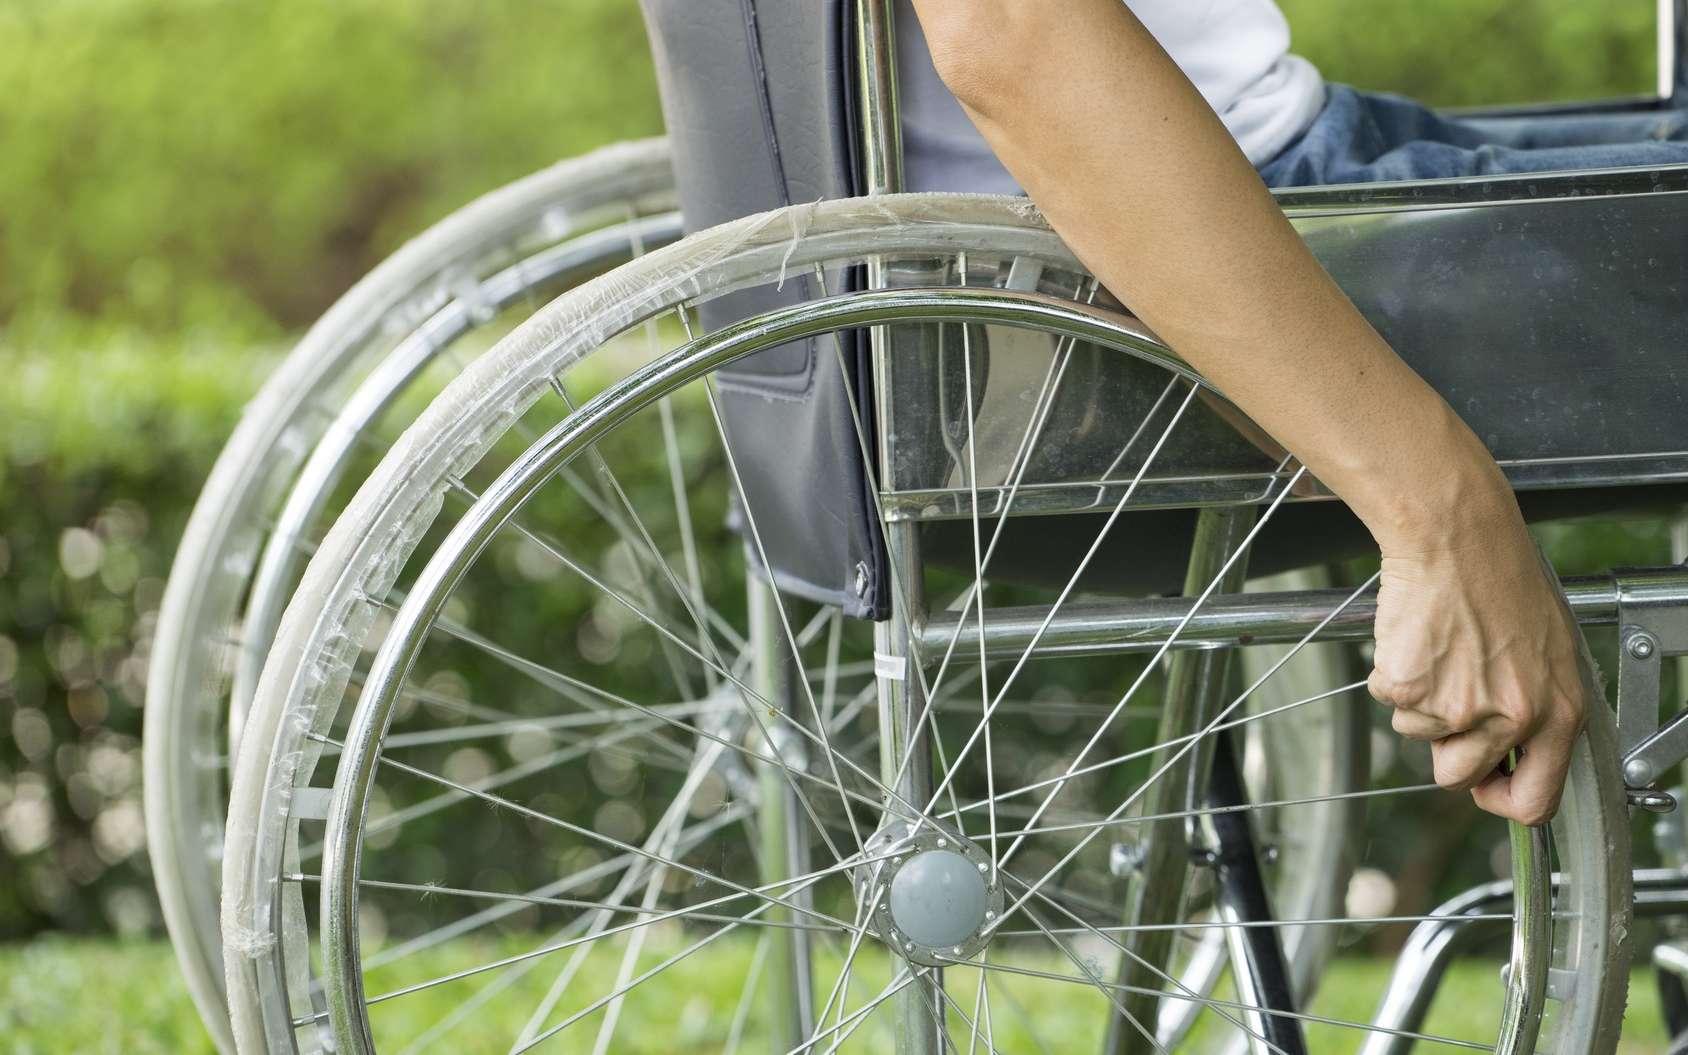 Les symptômes de la dystrophie musculaire apparaissent dans l'enfance, la marche devenant impossible vers 10-12 ans. © tatomm, Fotolia